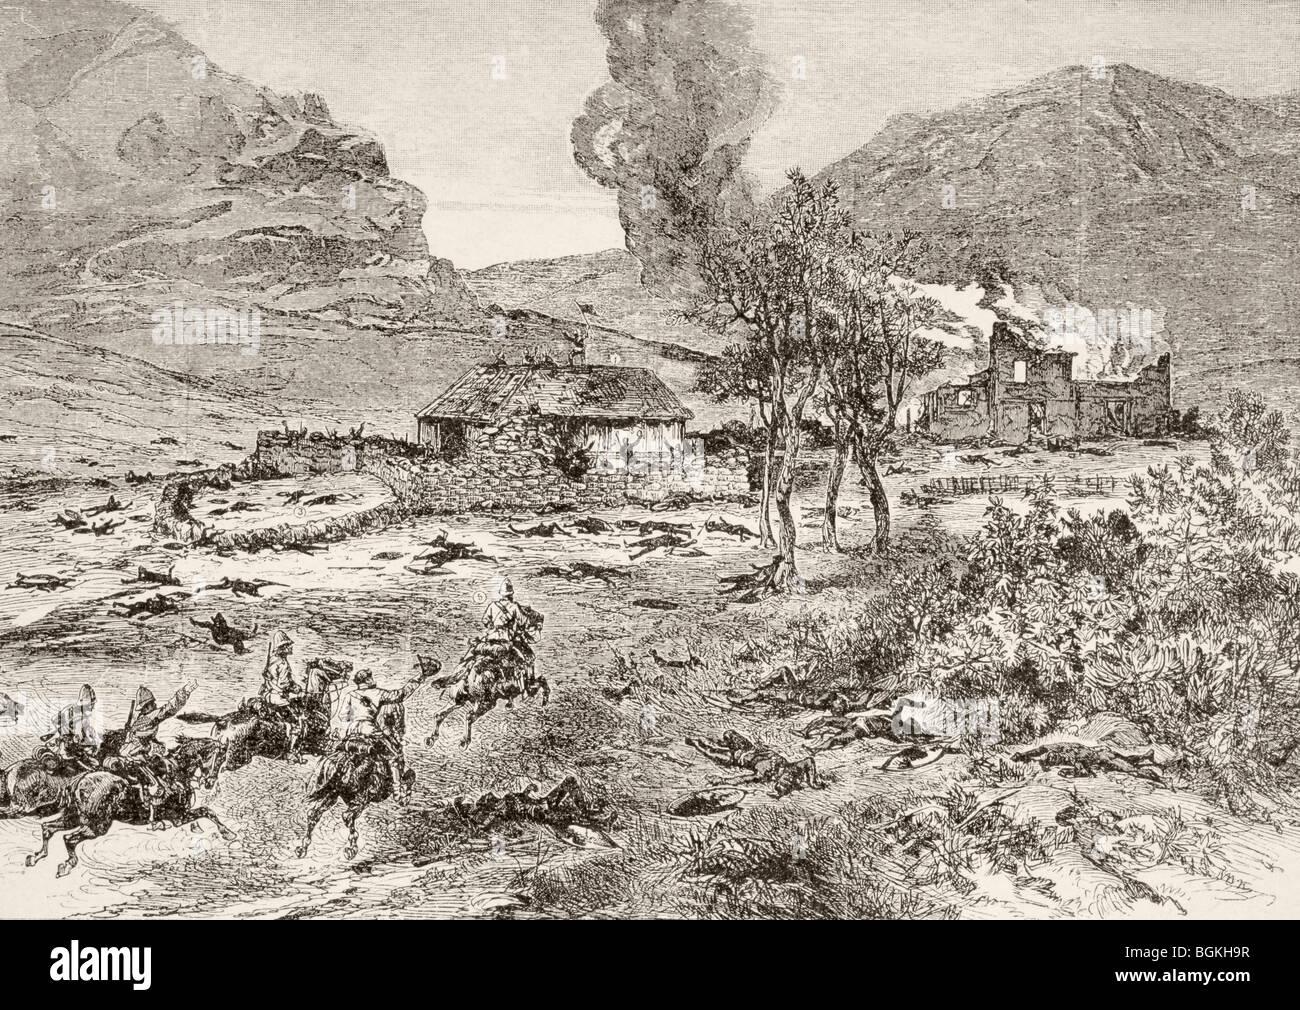 Die britische Entlastung Spalte kommt bei Rorke es Drift, Kwa-Zulu-Natal Provinz, Südafrika, nach der Schlacht. Stockbild